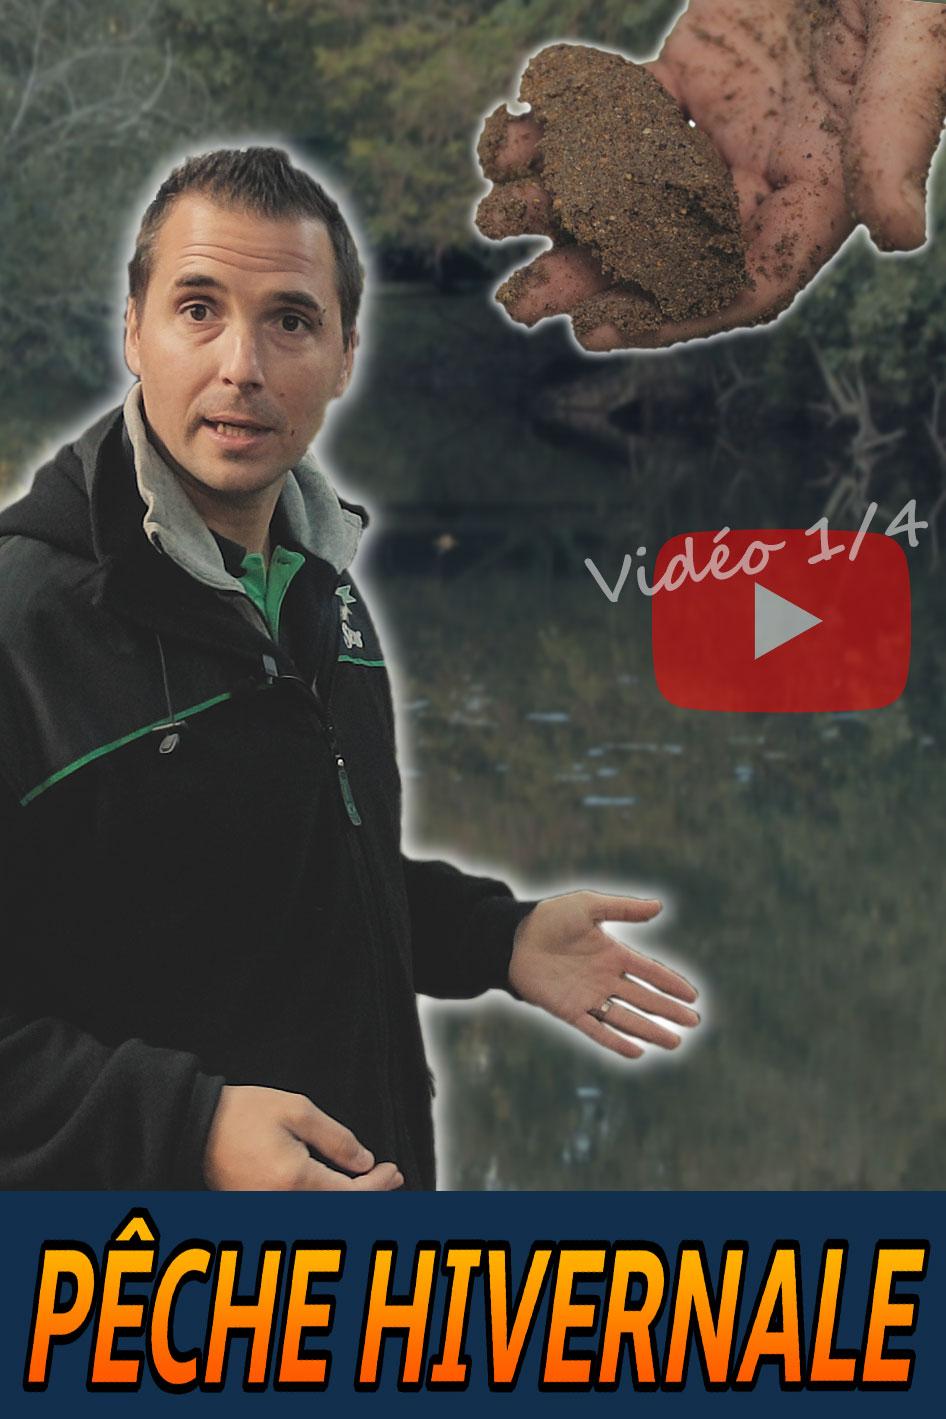 secrets de champion avec nicolas guerin team poitou 86 astuces pêche au coup en hiver en rivière sauvage repérage amorce montage lignes stratégies, etc...